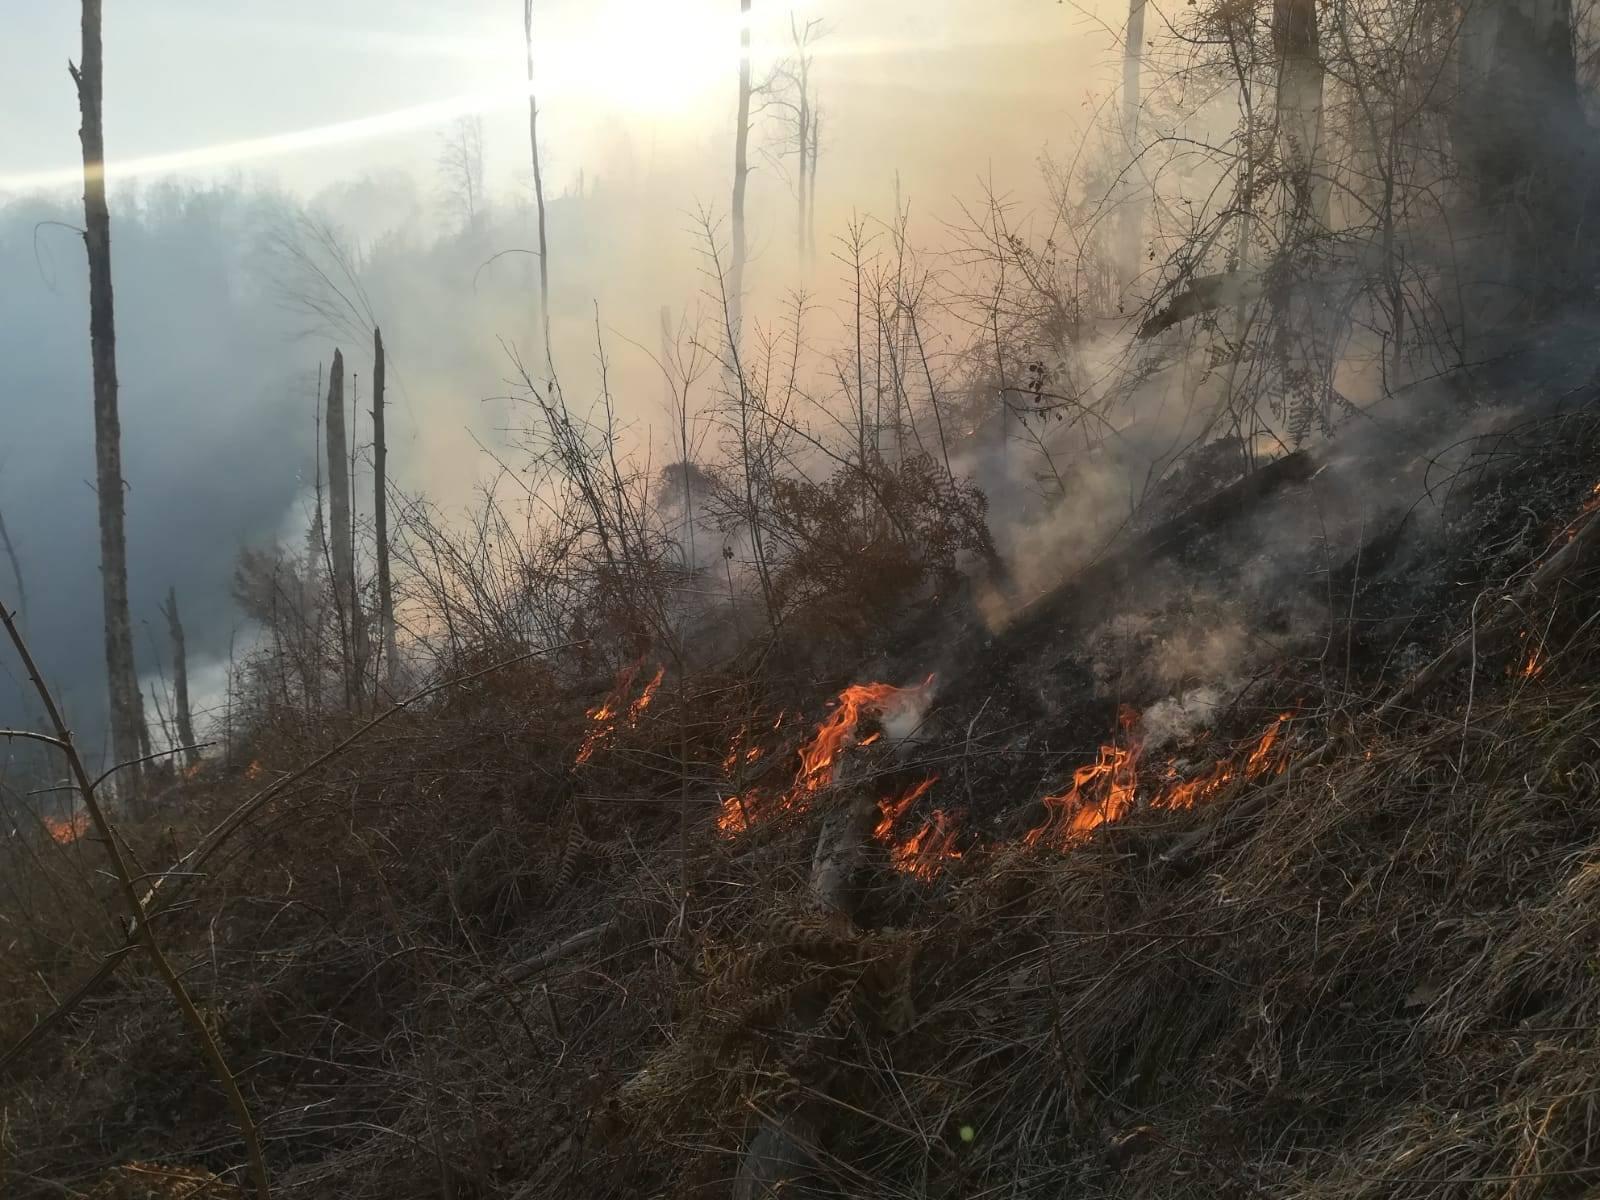 Fermierii care incendiază resturile vegetale de pe terenurile agricole fără autorizație vor fi arși la buzunar